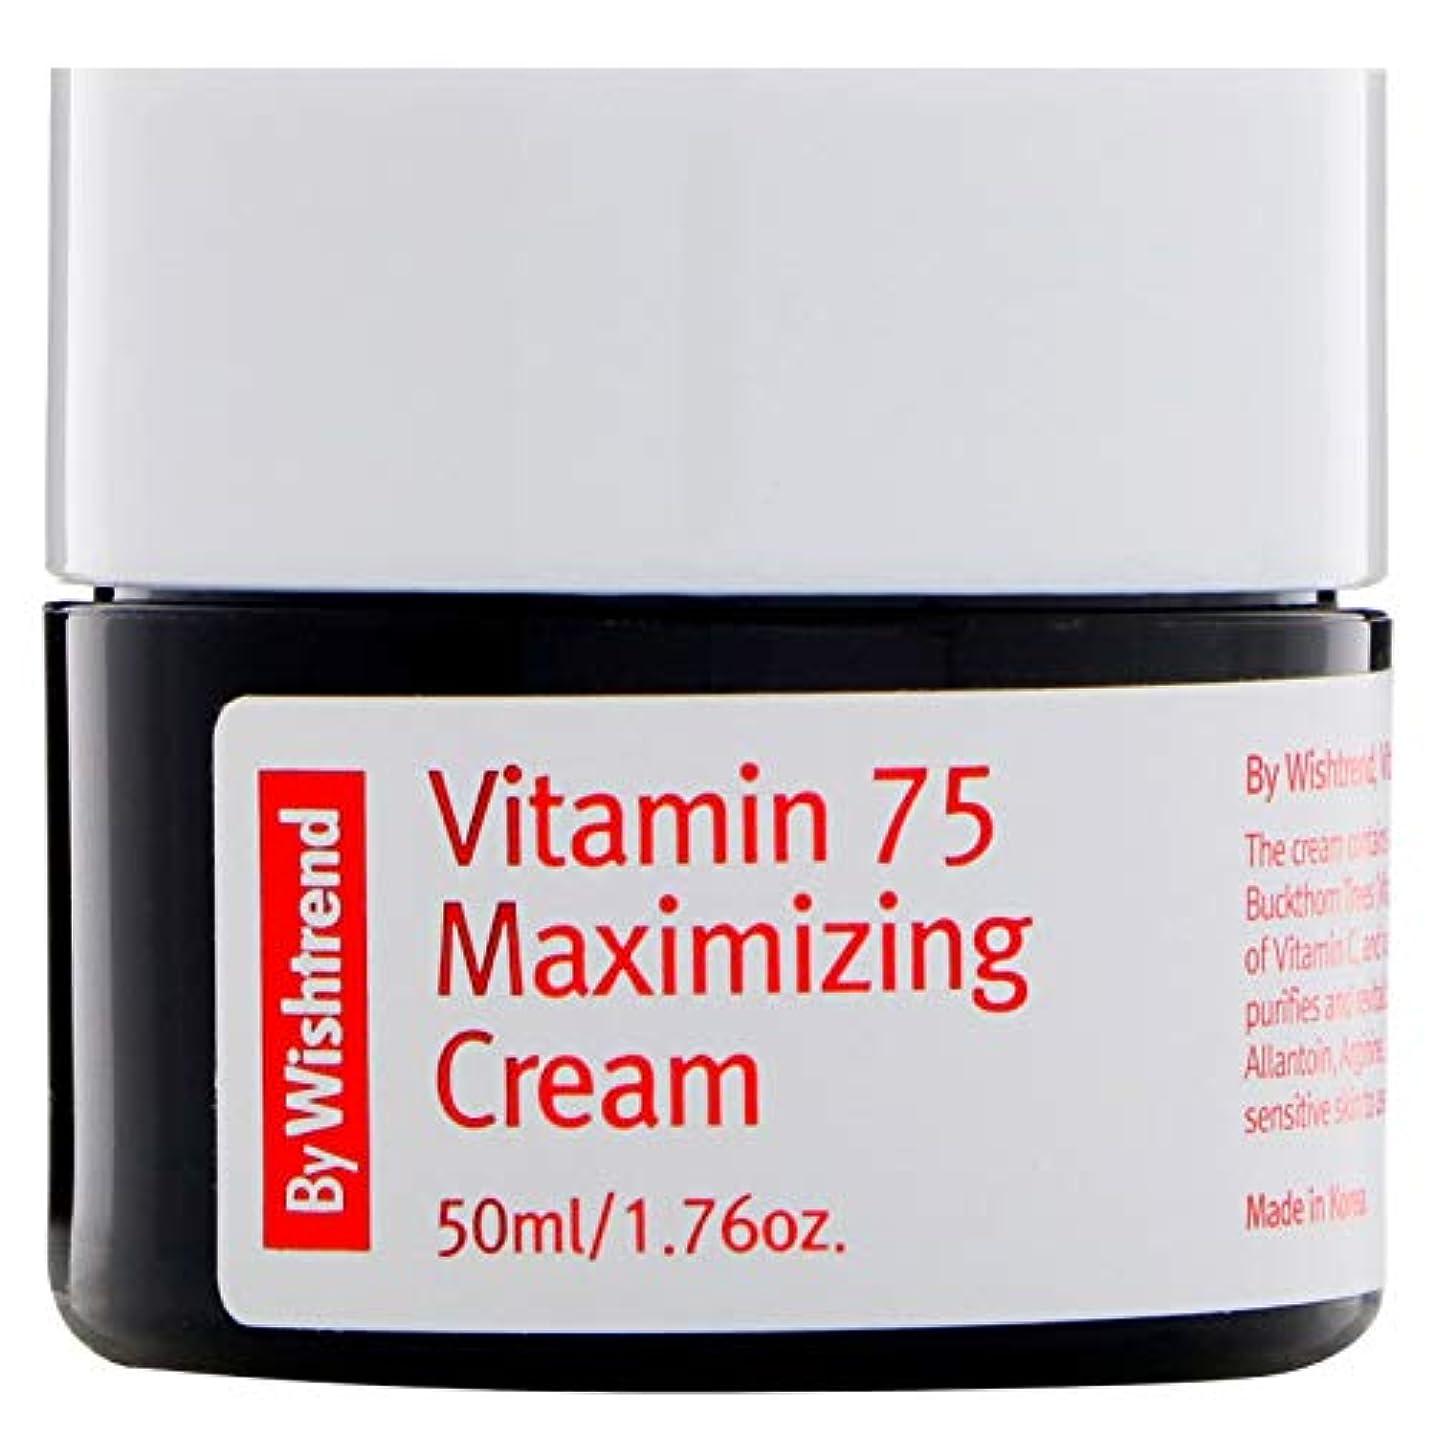 フレッシュ過半数カスタム[BY WISHTREND]ビタミン75 マキシマイジング クリーム, Vitamin 75 Maximizing Cream [並行輸入品]